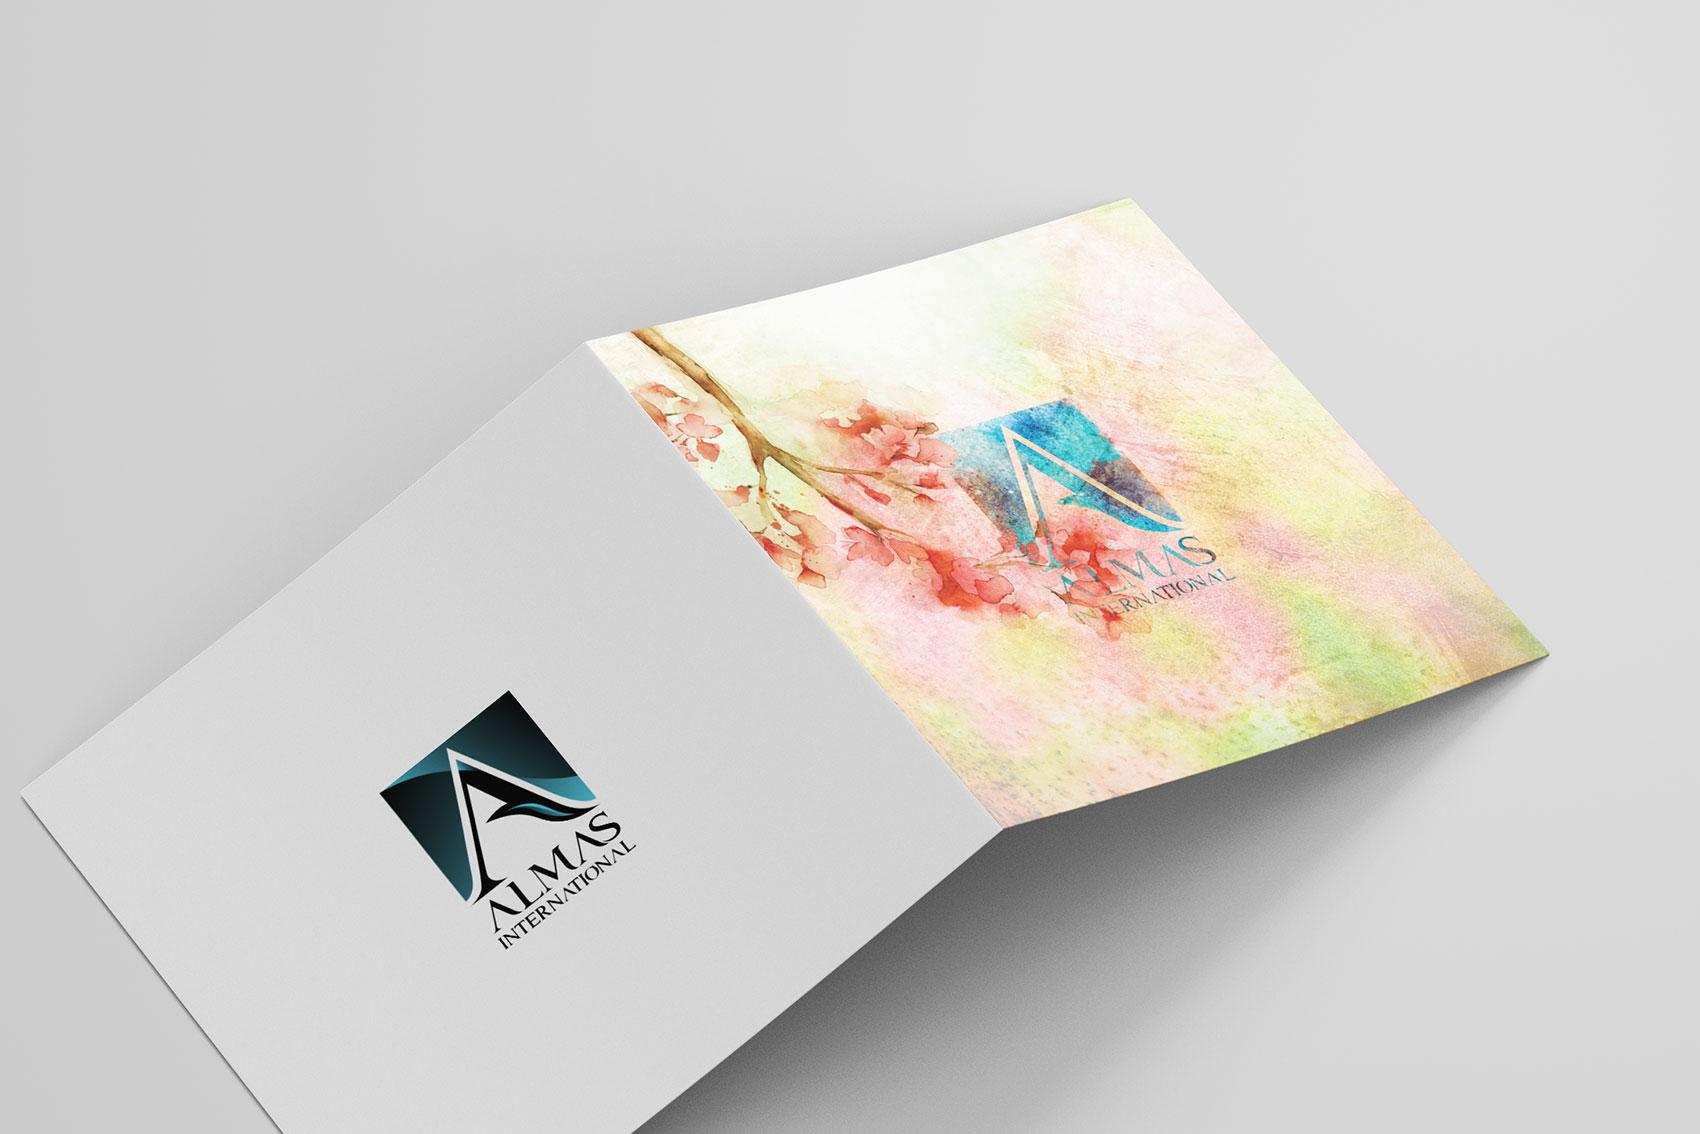 Almas International Corp.